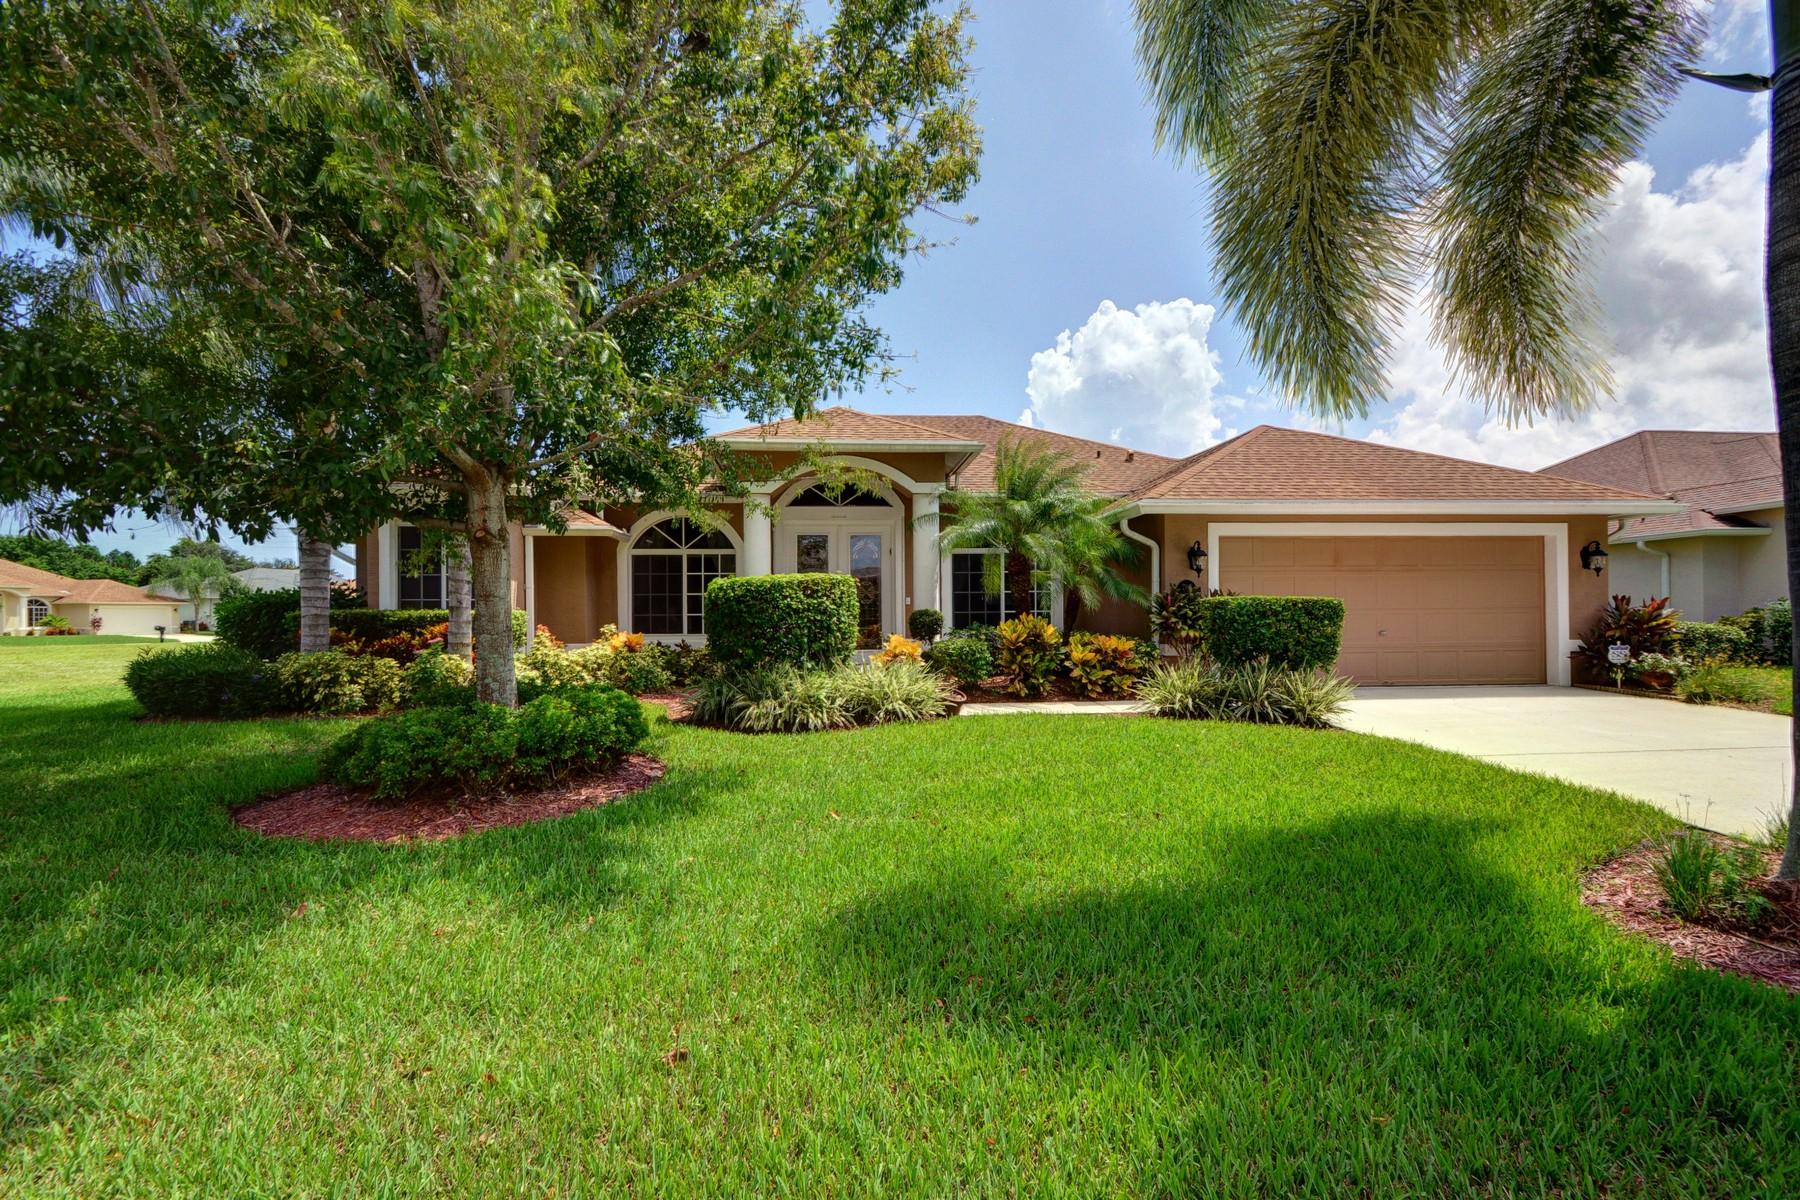 Maison unifamiliale pour l Vente à Gorgeous pool home in The Preserve 2195 3rd Place SW Vero Beach, Florida 32962 États-Unis